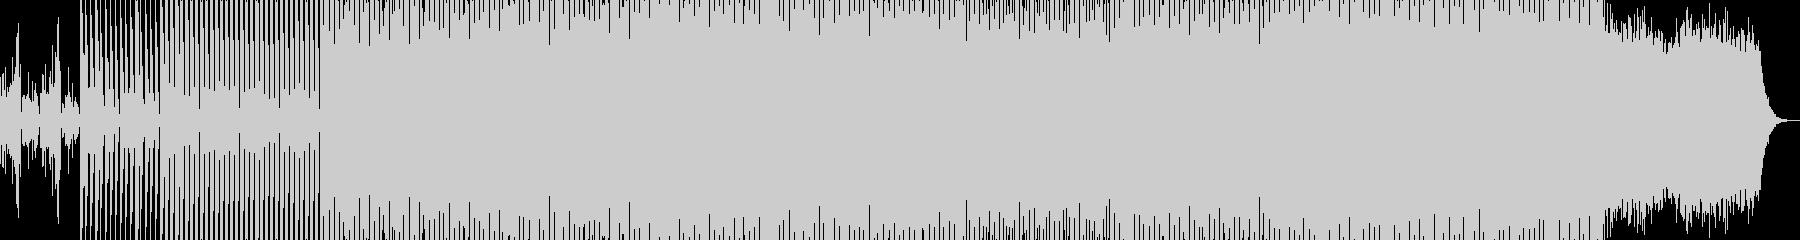 EDMクラブ系ダンスミュージック-57の未再生の波形